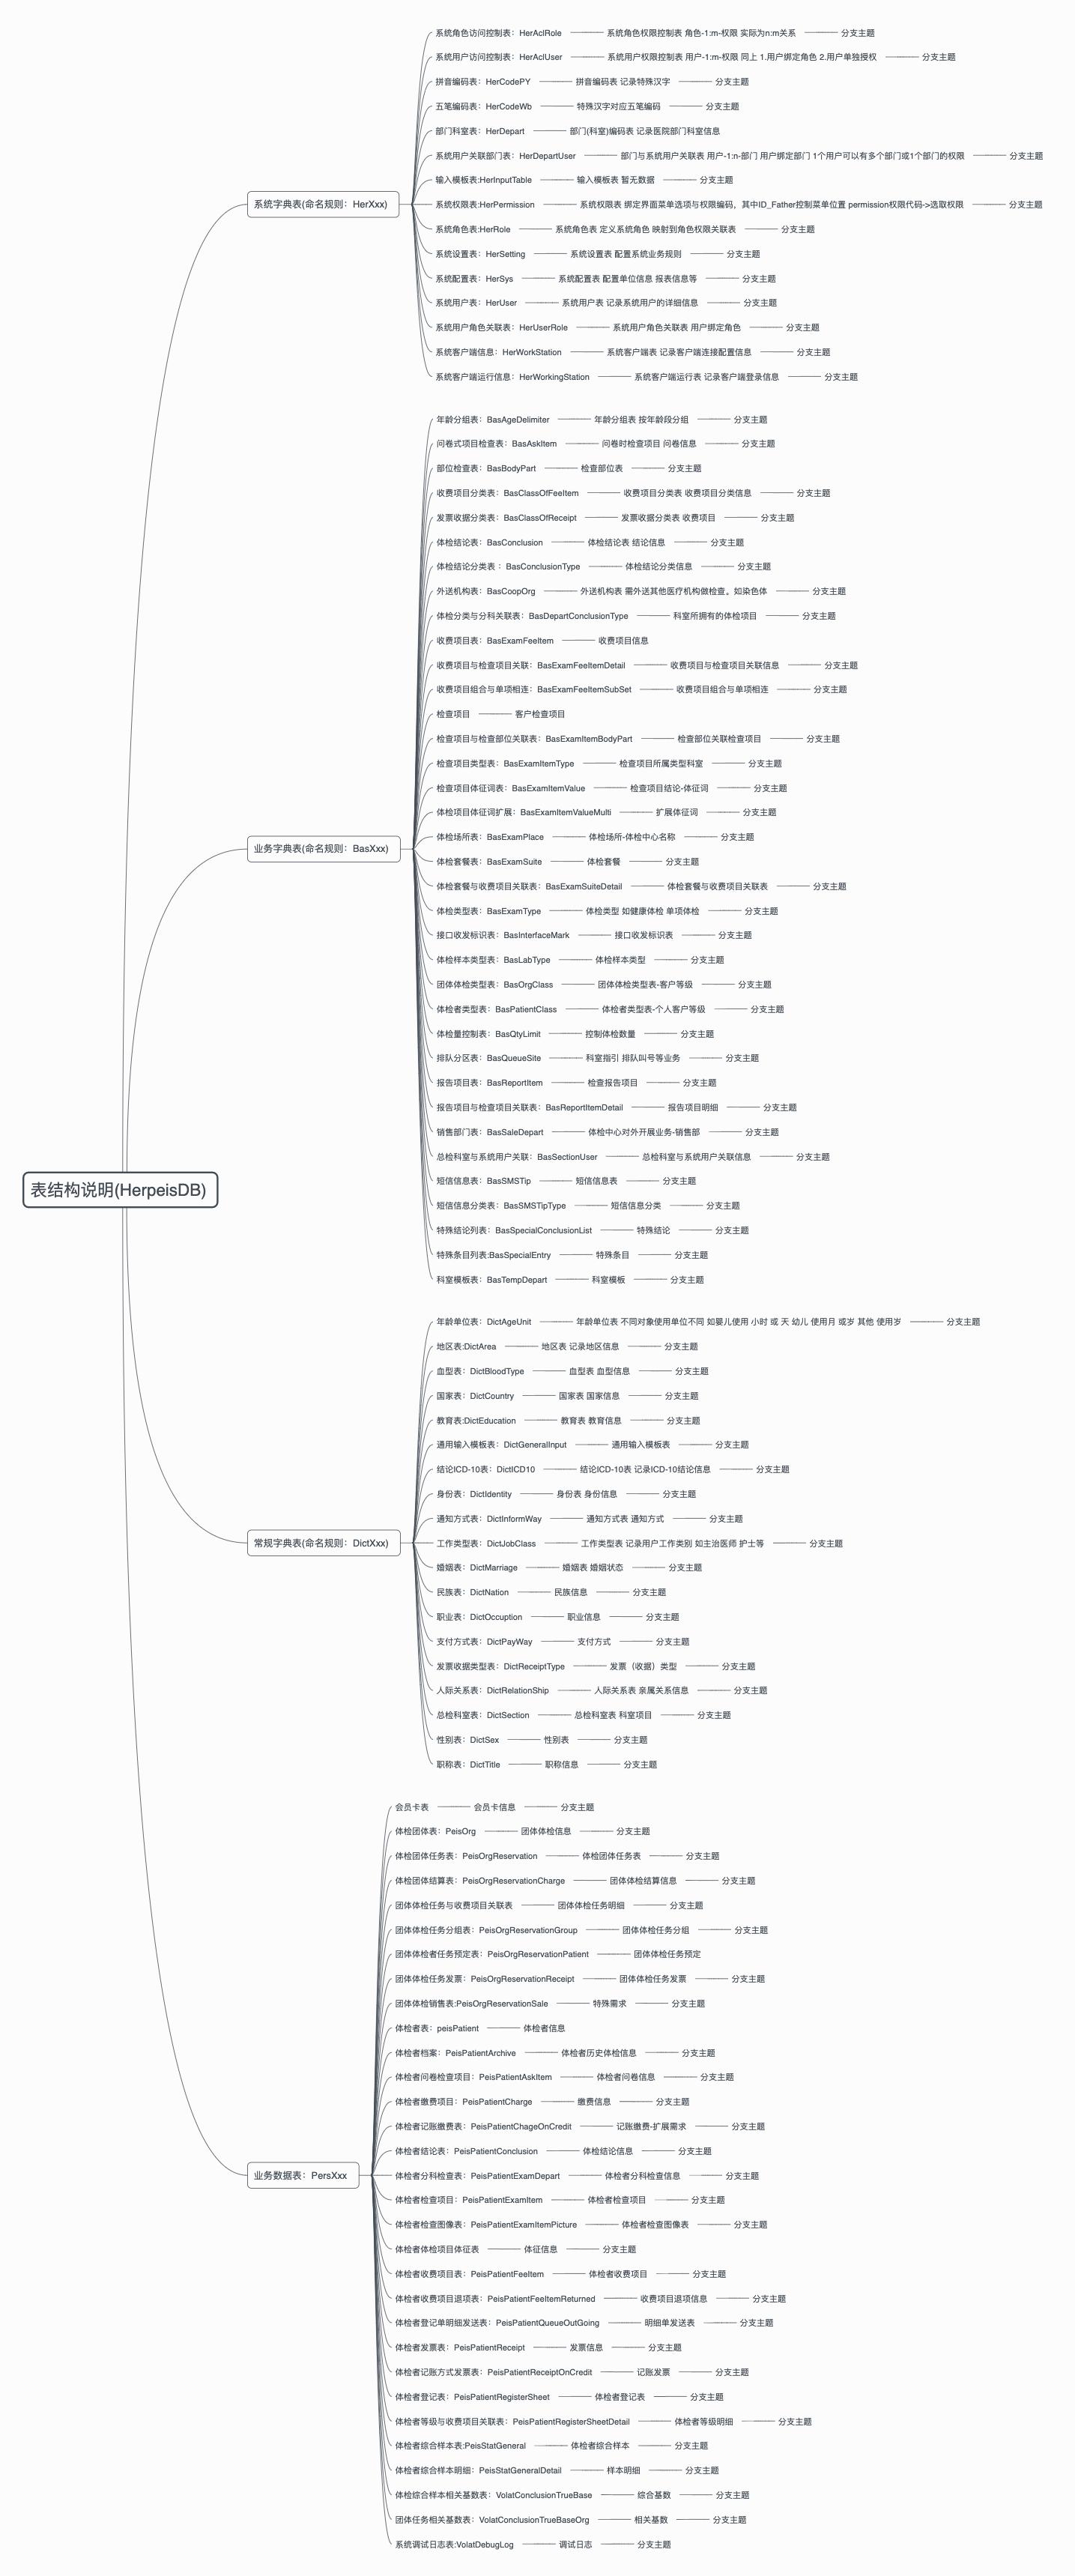 herpeis体检模版库表架构